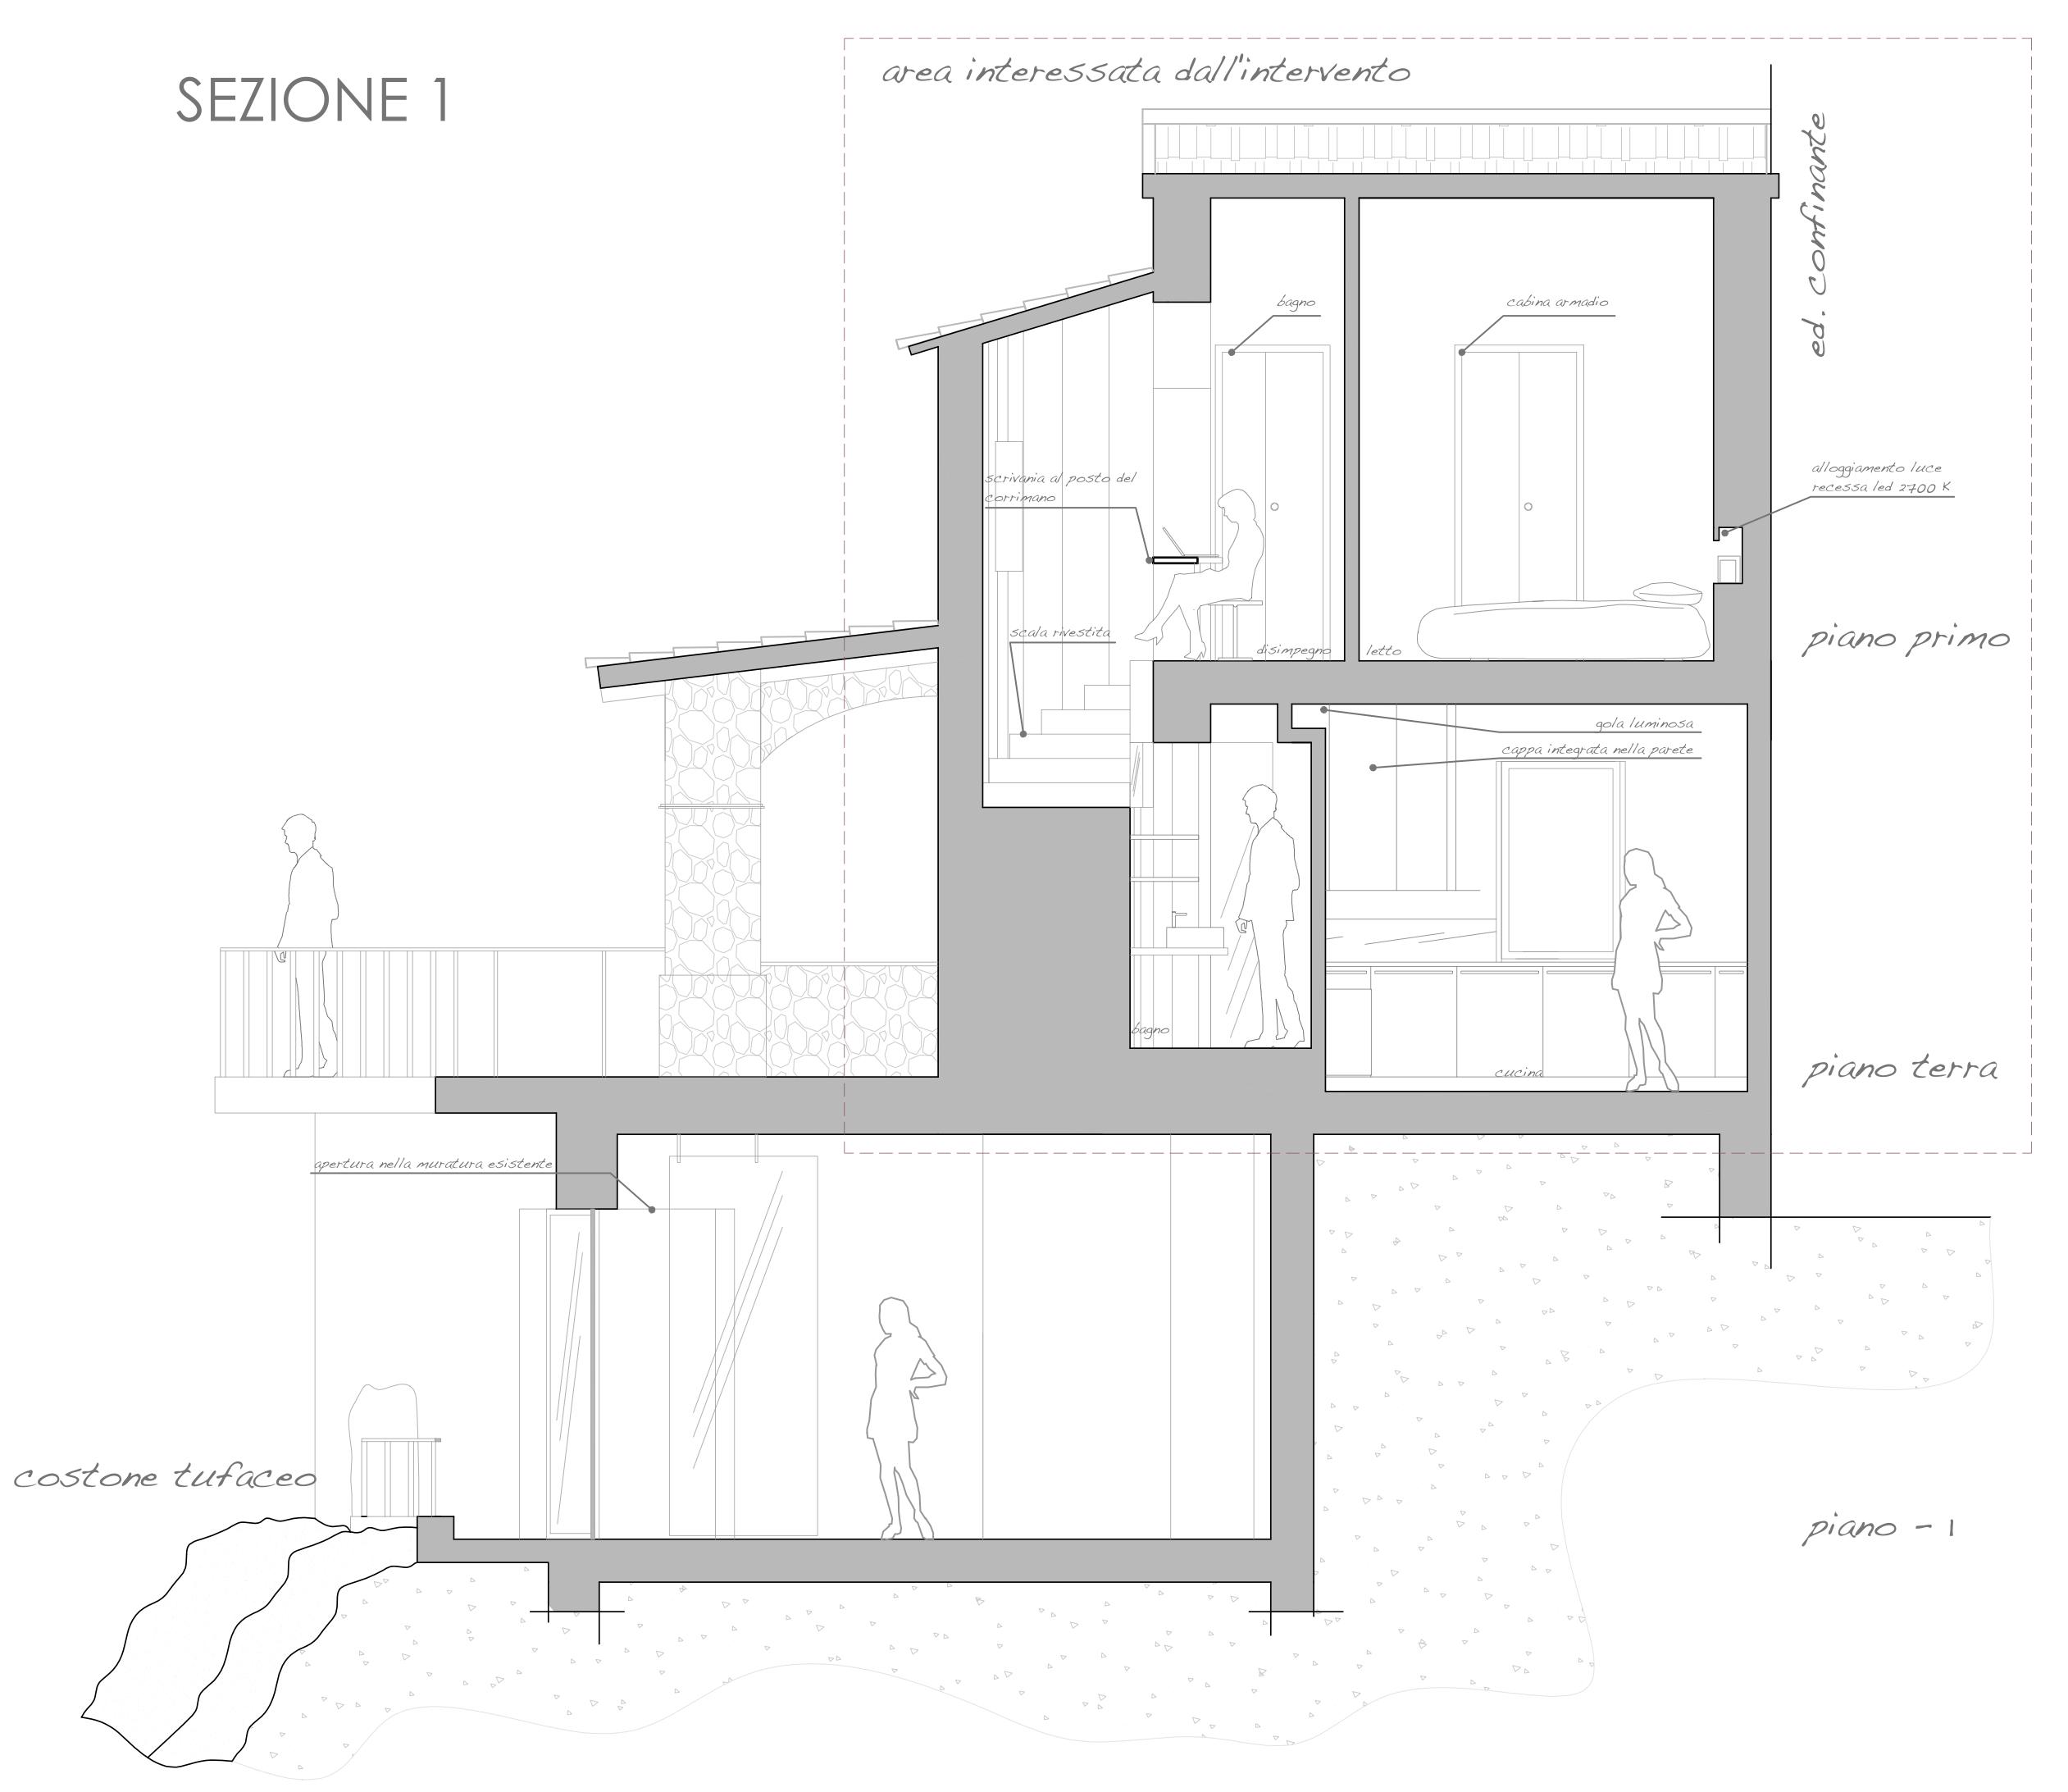 Scritto di notte blog di progetti idee e sconfinamenti vari for Piani di aggiunta della camera da letto del primo piano